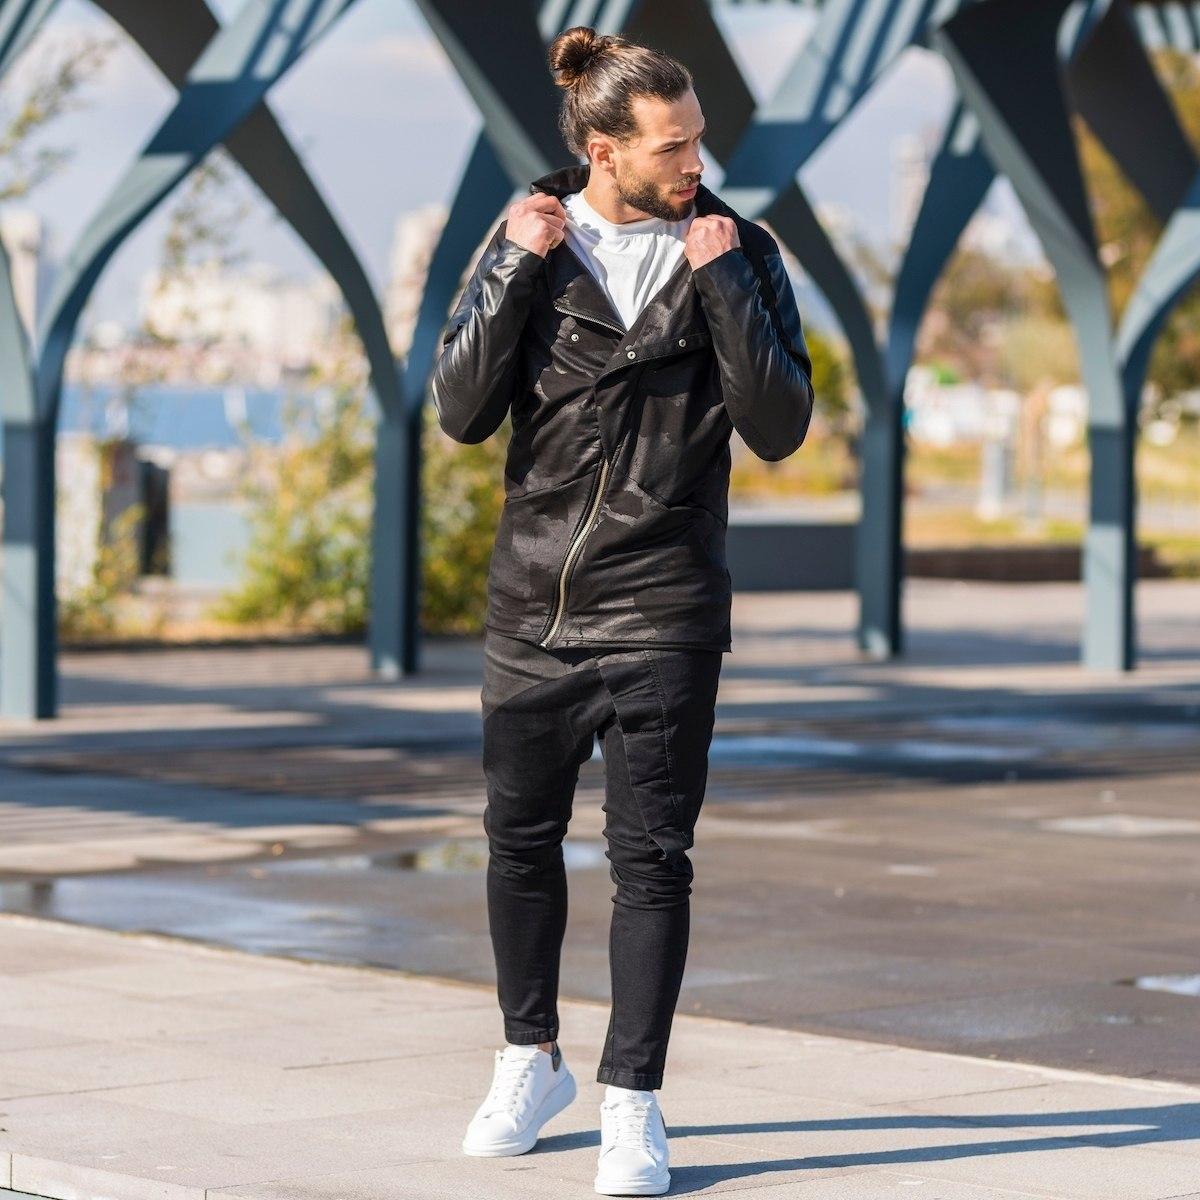 MV Premium Design Cardigan With Zipper Details